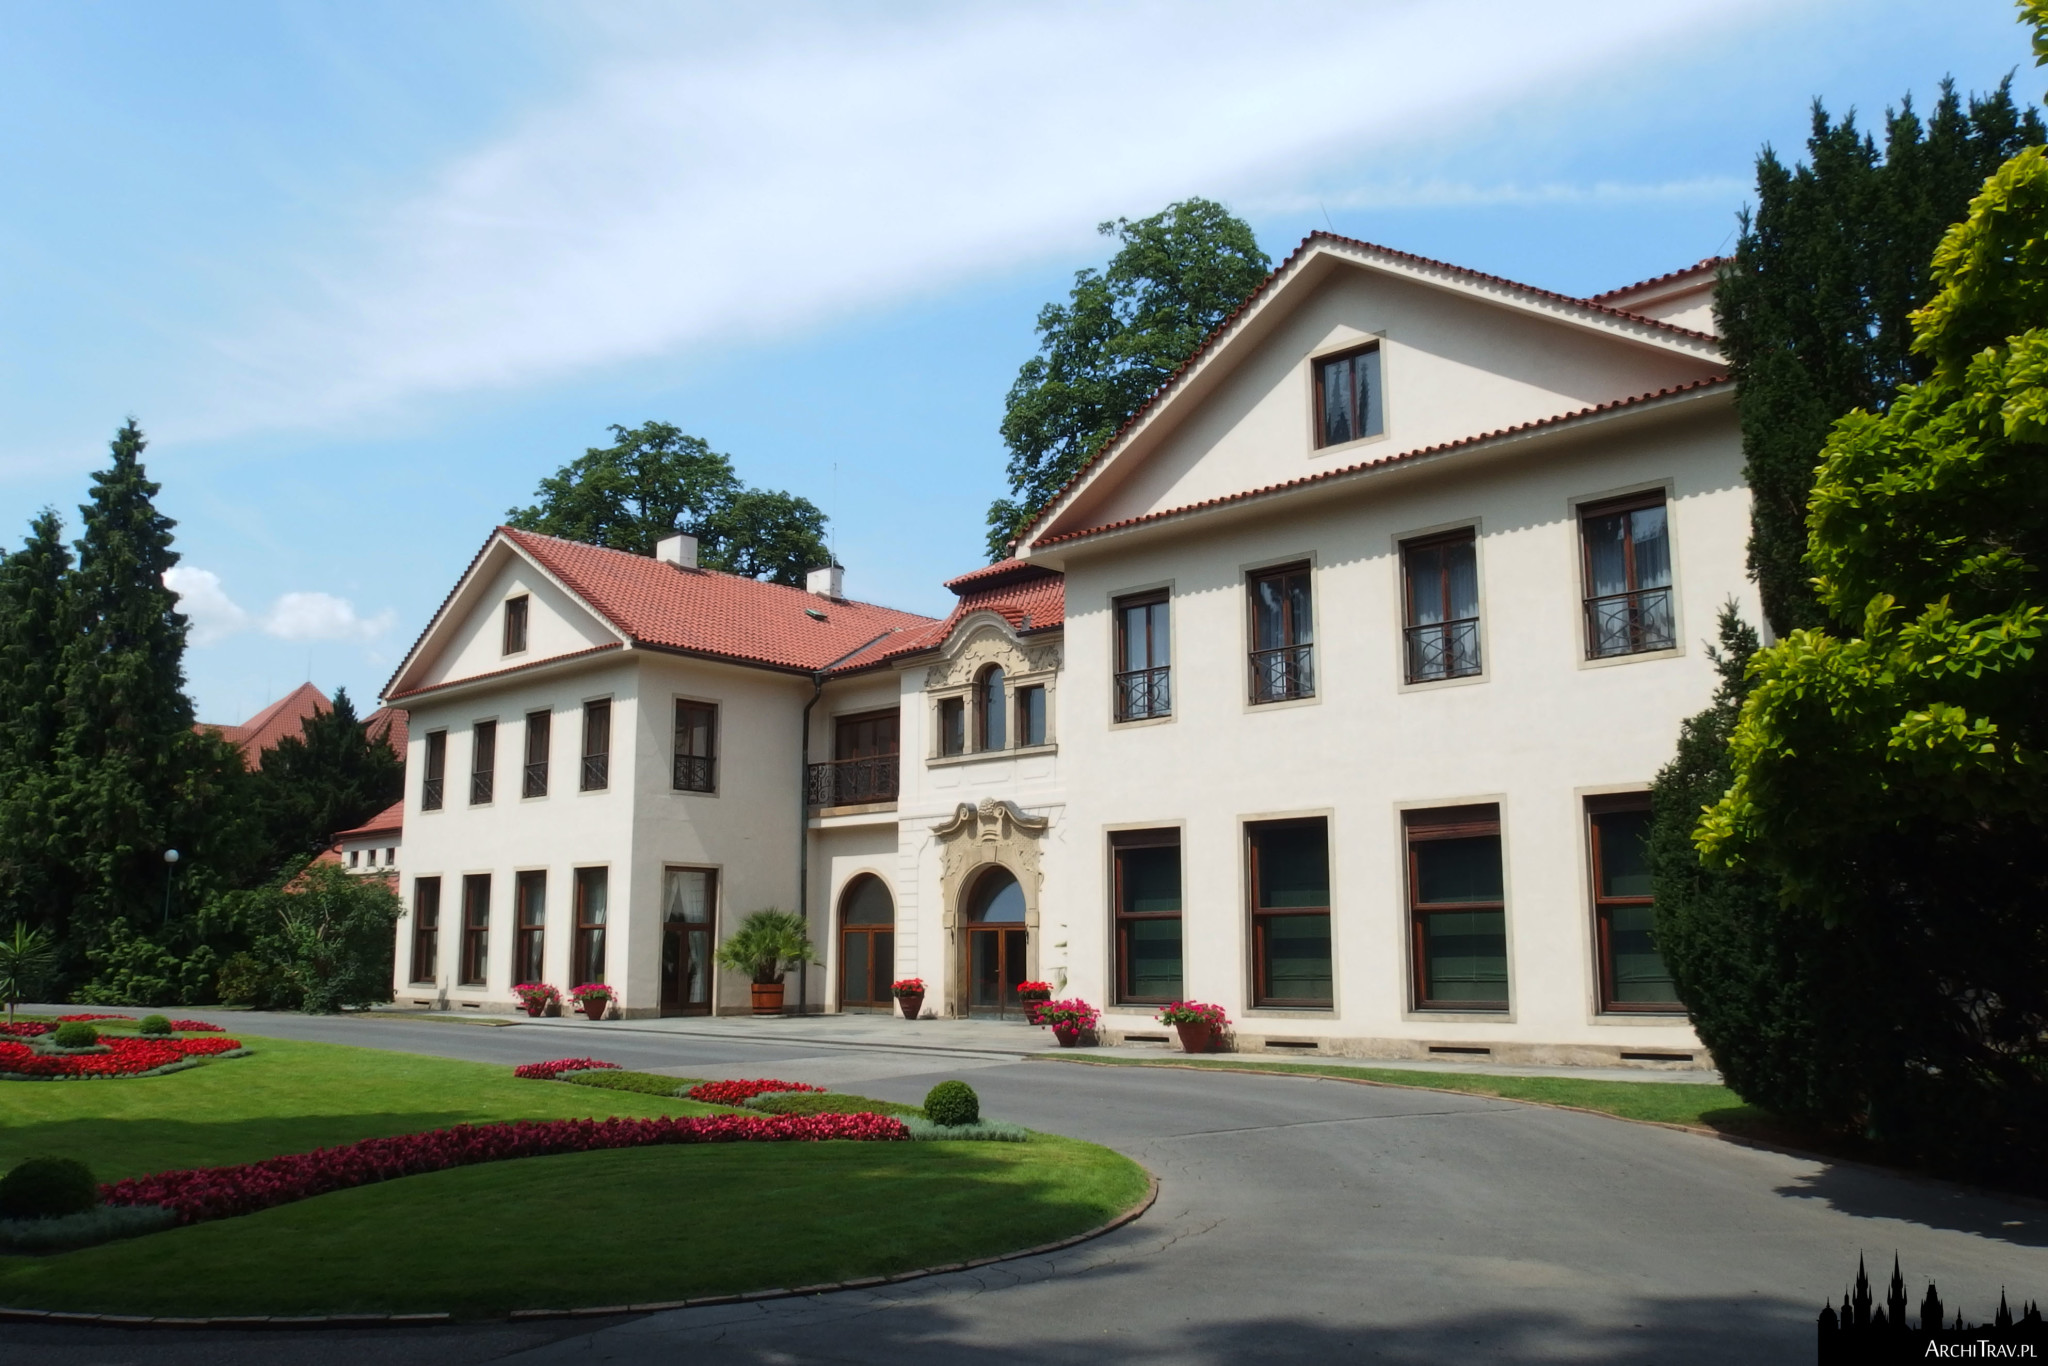 Domek Prezydencki w Pradze - 3-kondygnacyjny budynek o jasnej elewacji, na froncie przystrzyżony trawnik z czerwonymi rabatami